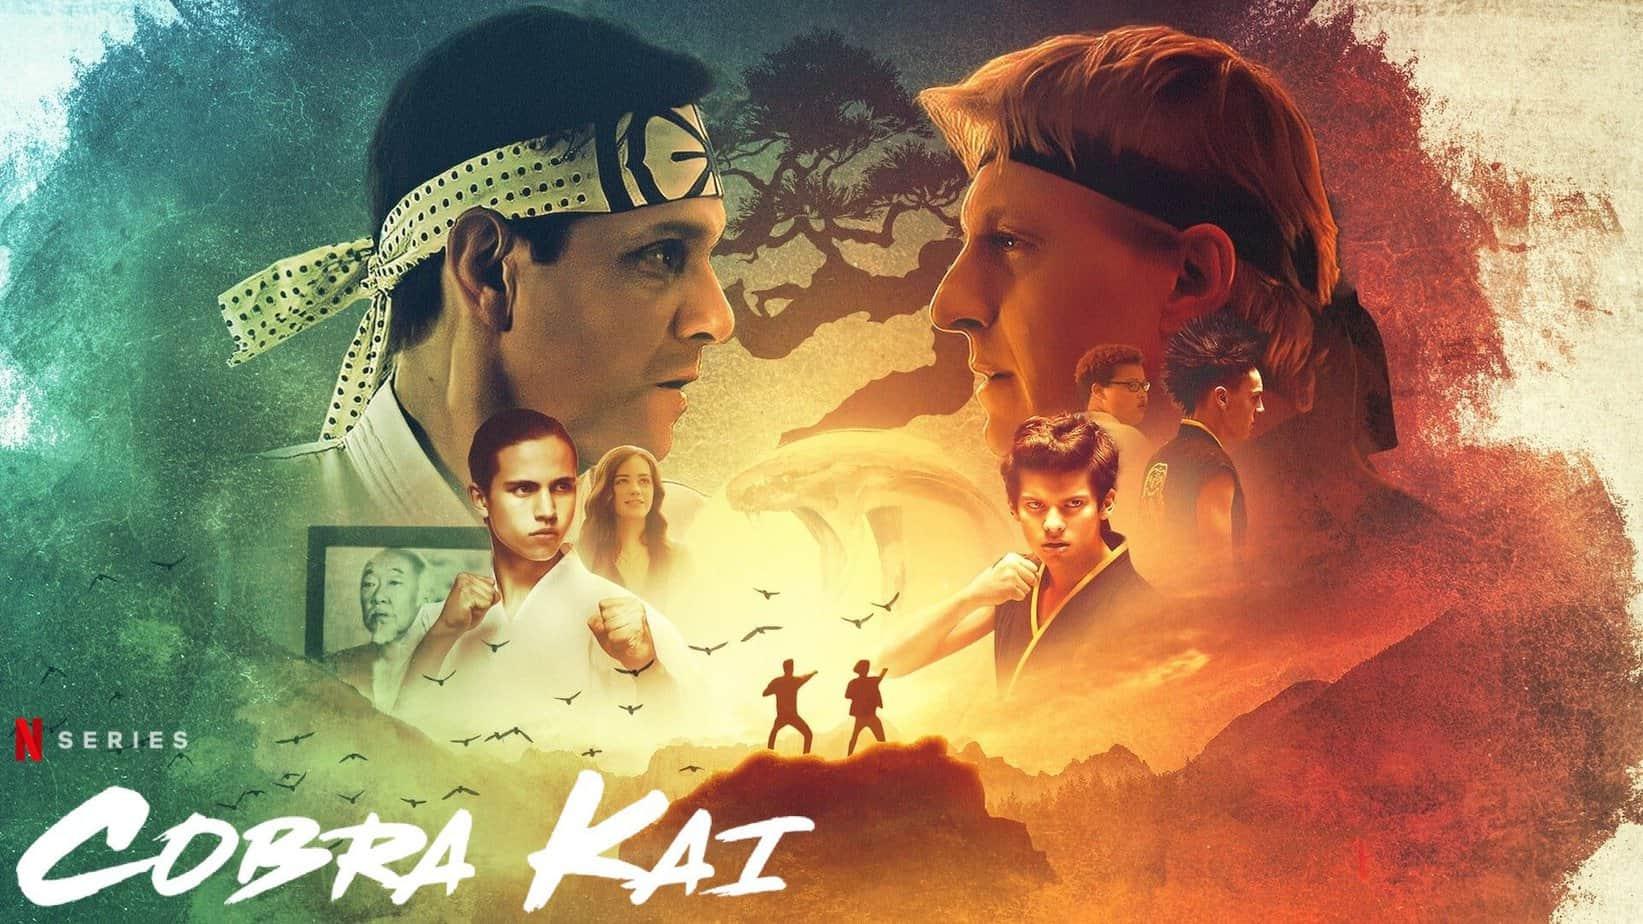 Saison 4 de Cobra Kai : date de sortie, casting et tous les détails 1